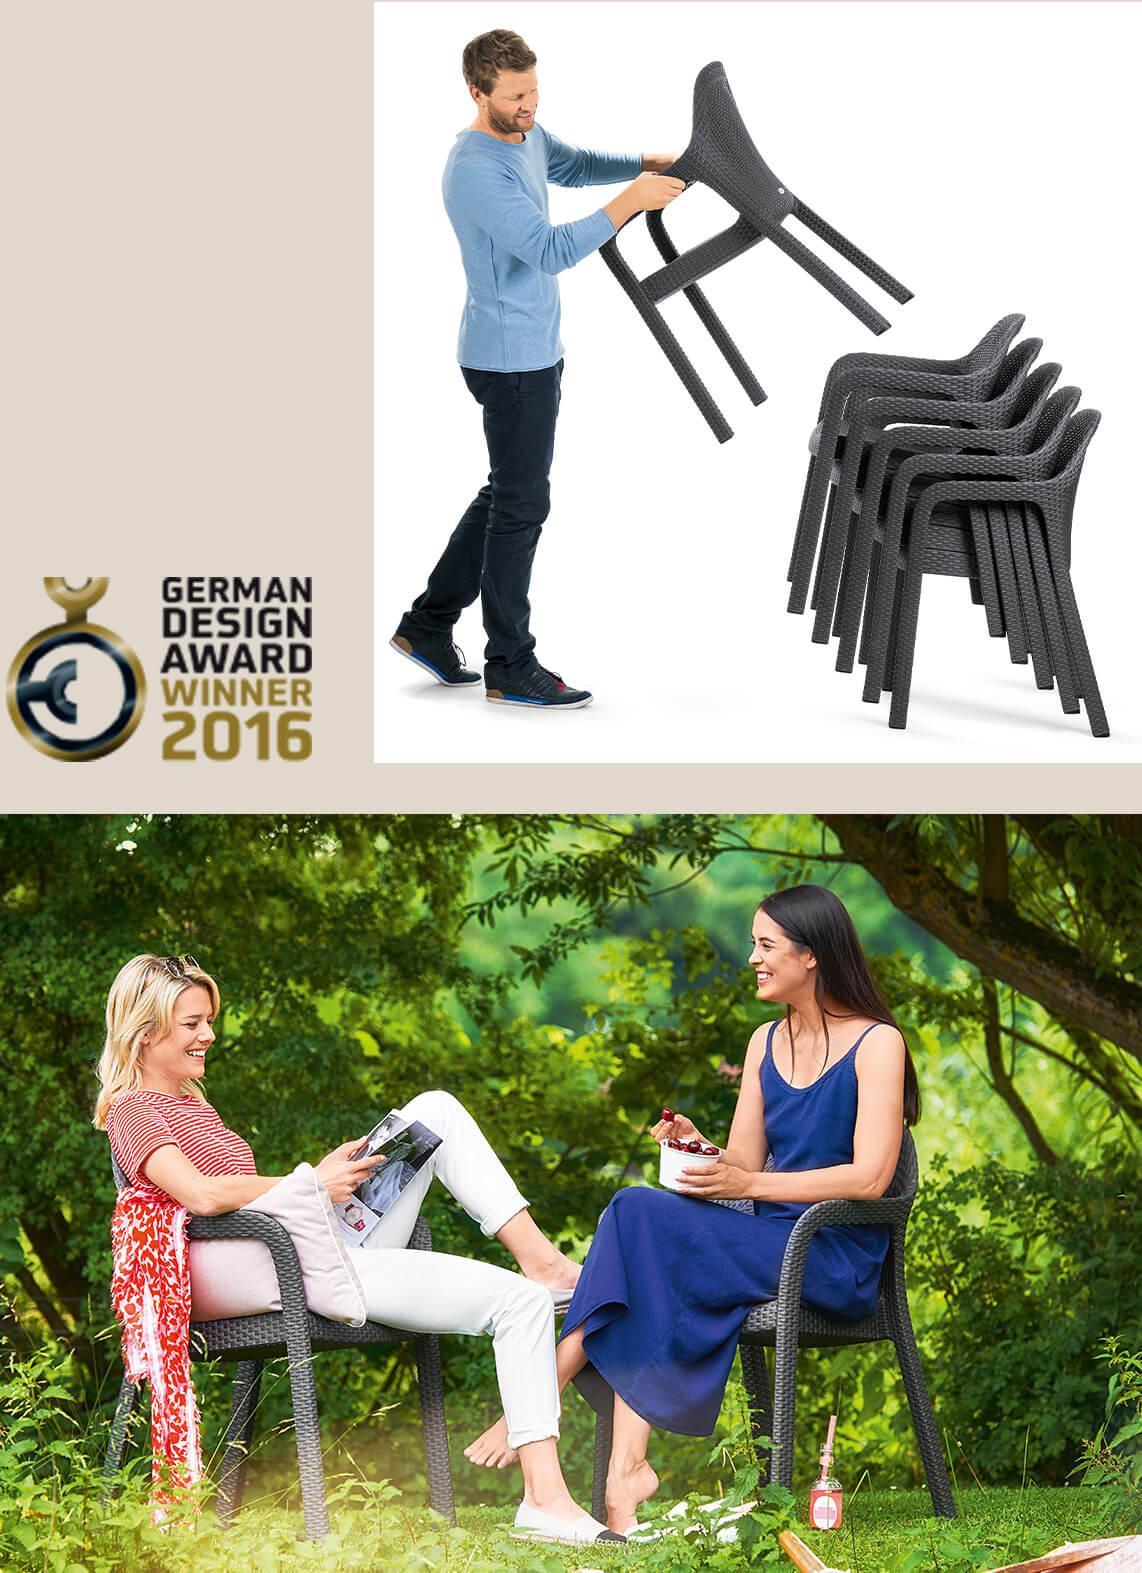 'Bild oben: Abbildung German Design Award und daneben: Junger Mann stapelt ganz einfach mehrere LECHUZA Stühle übereinander. Bild unten: Zwei Freundinnen sitzen auf Stühlen auf der Wiese unter einem Baum